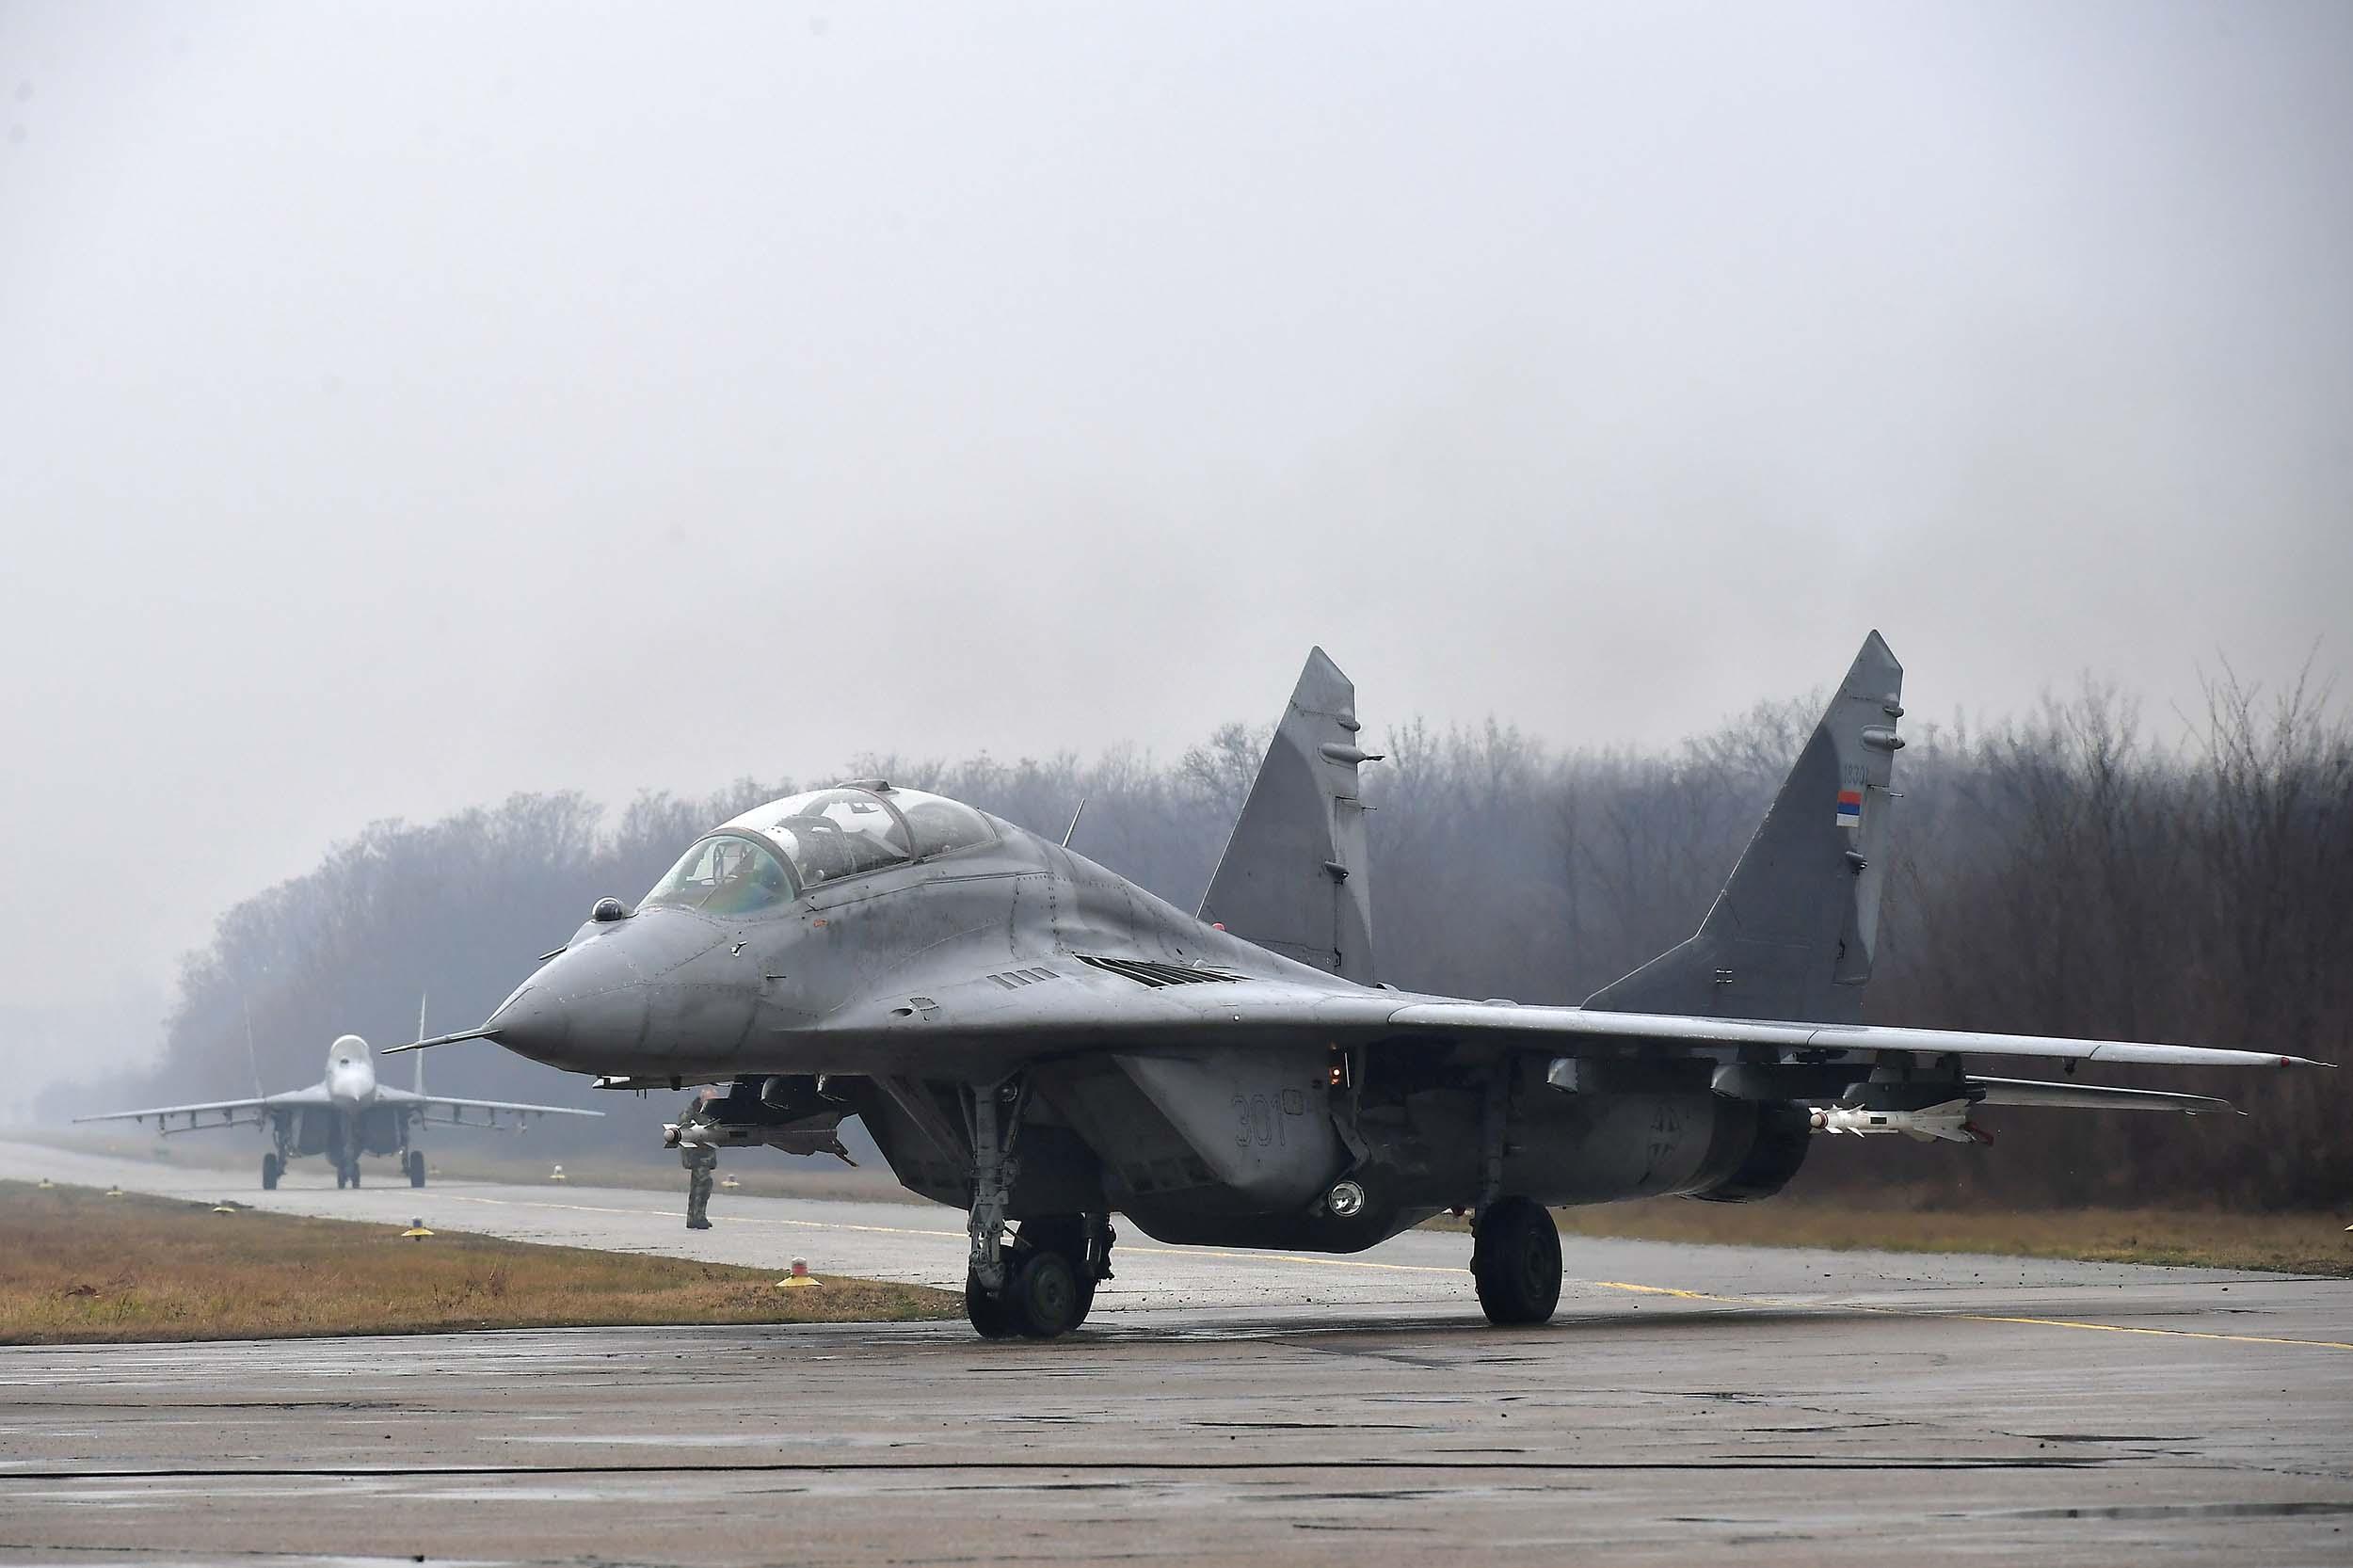 Од НАТО агресије РВ и ПВО нису били у бољем стању